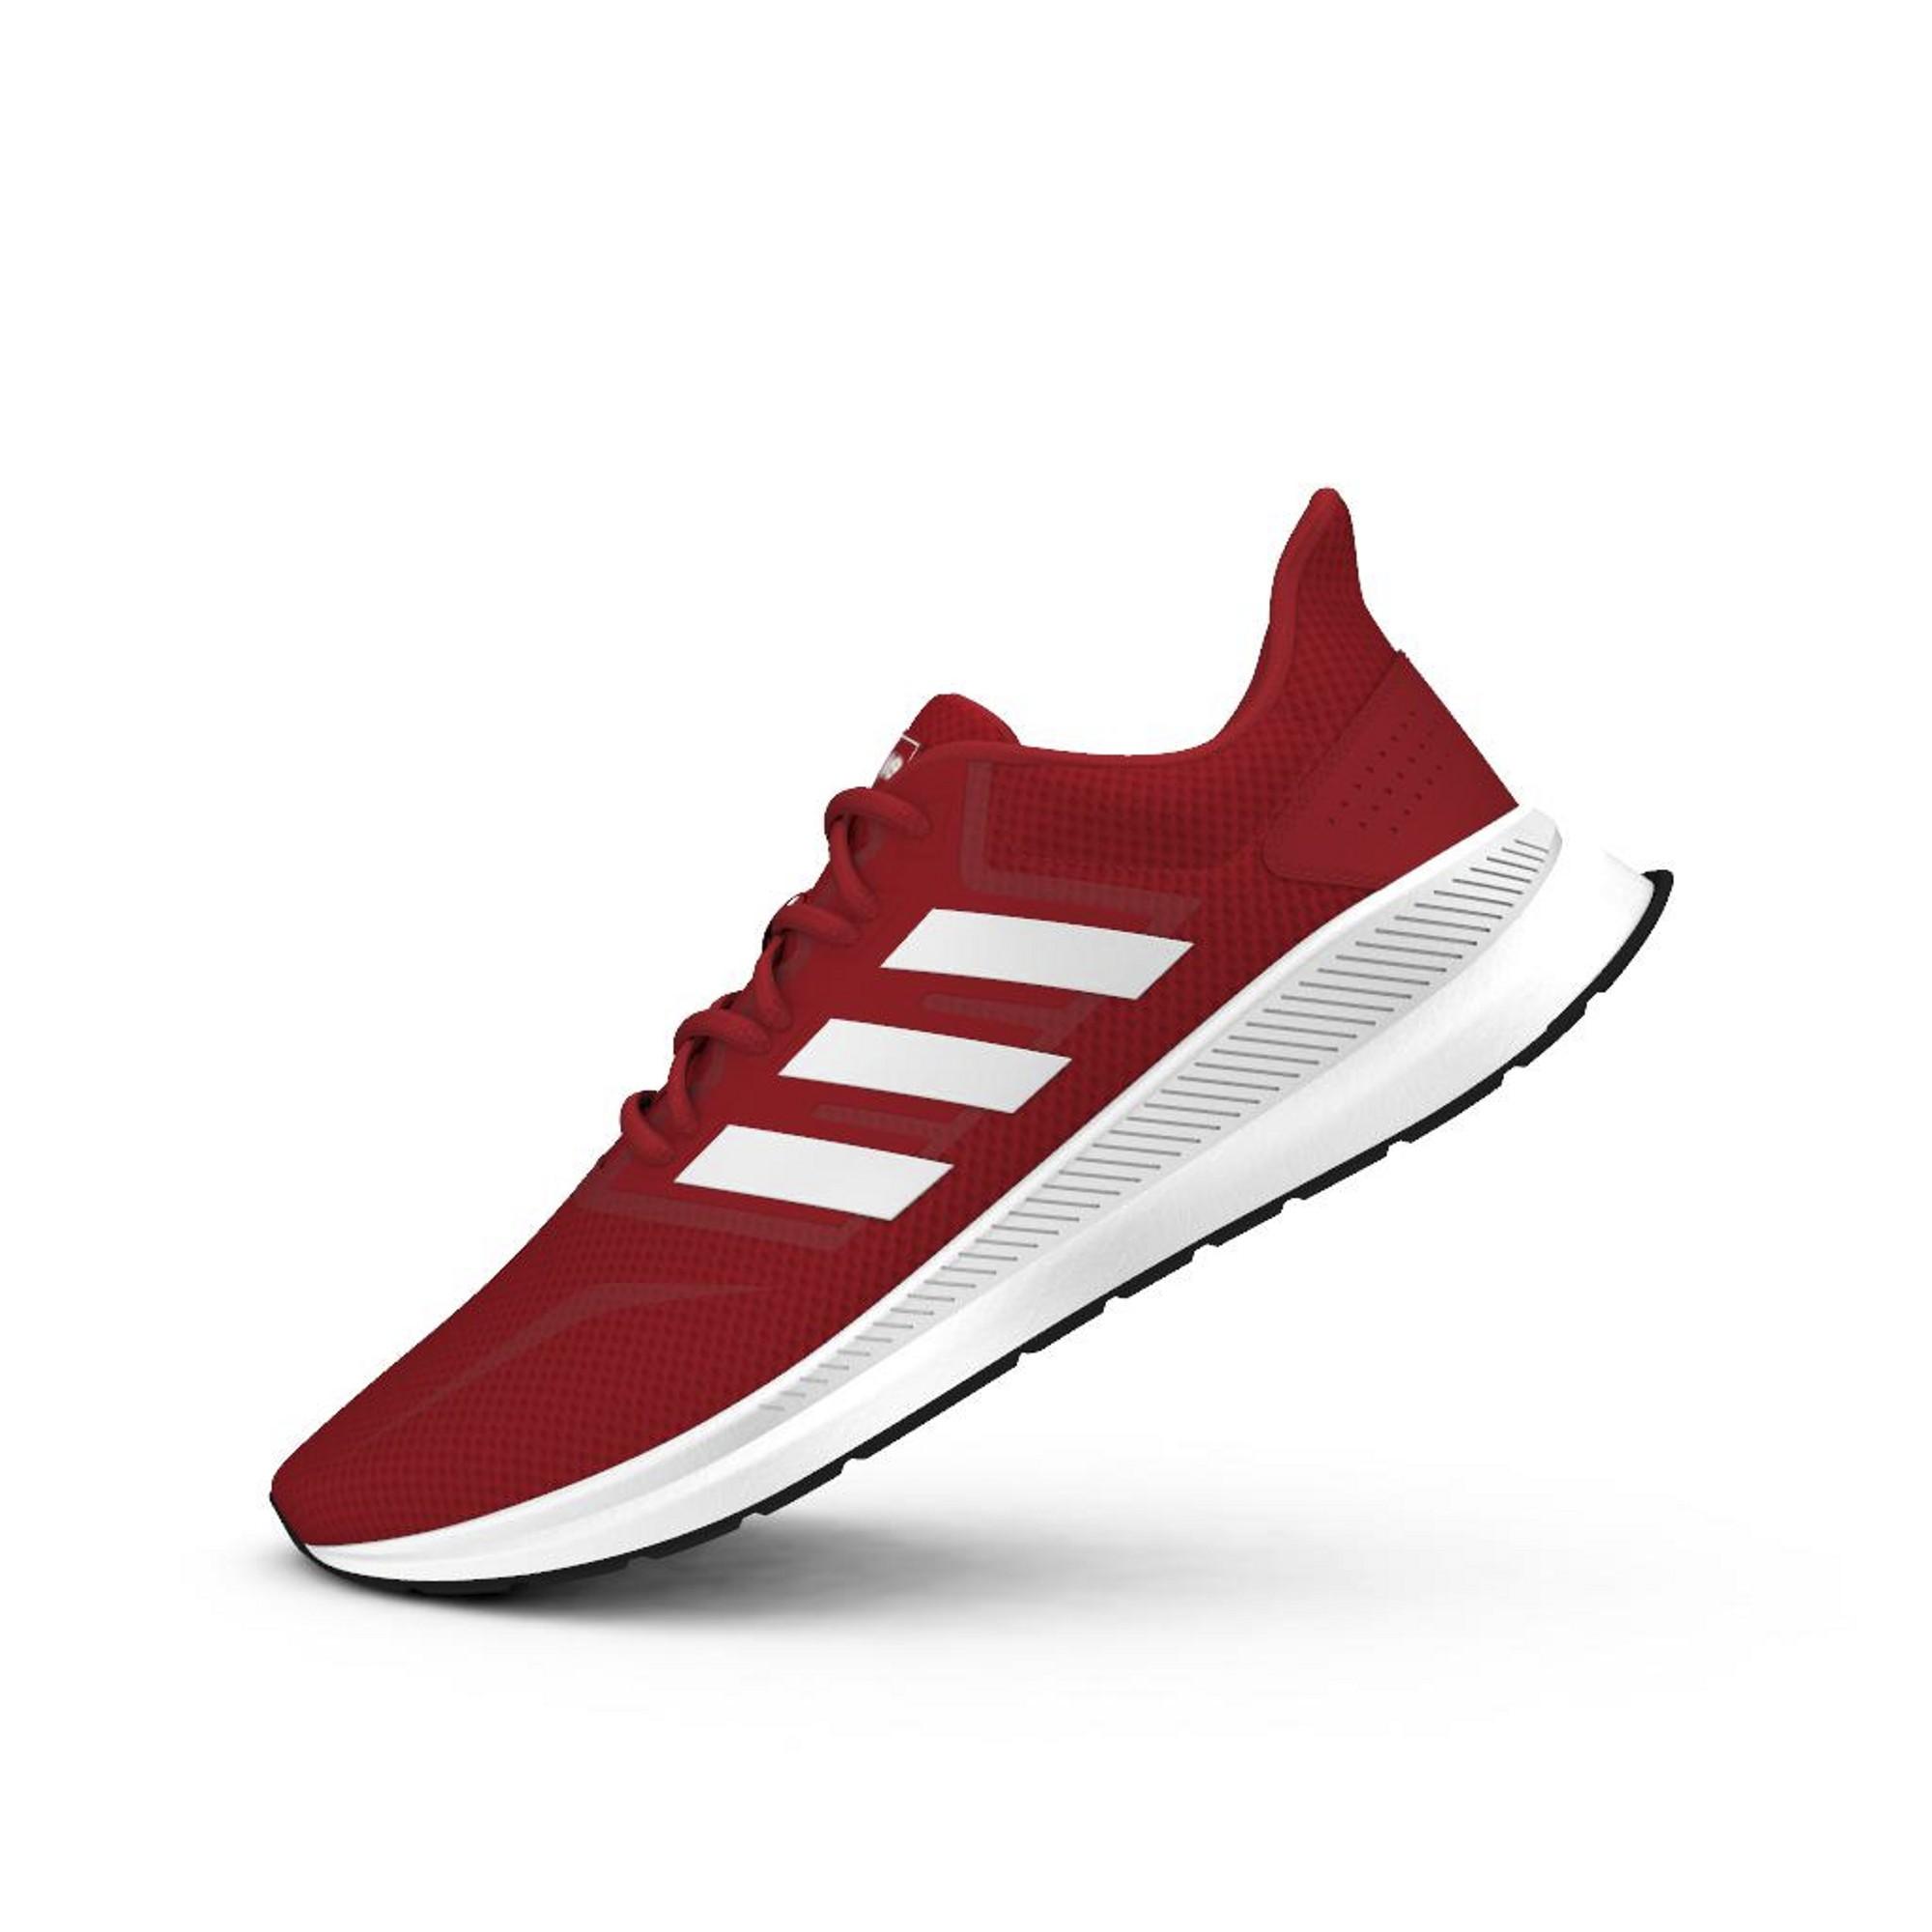 Dime Son Inminente  zapatillas adidas rojas y negras hombre - 72% descuento -  www.vantravel.com.ar